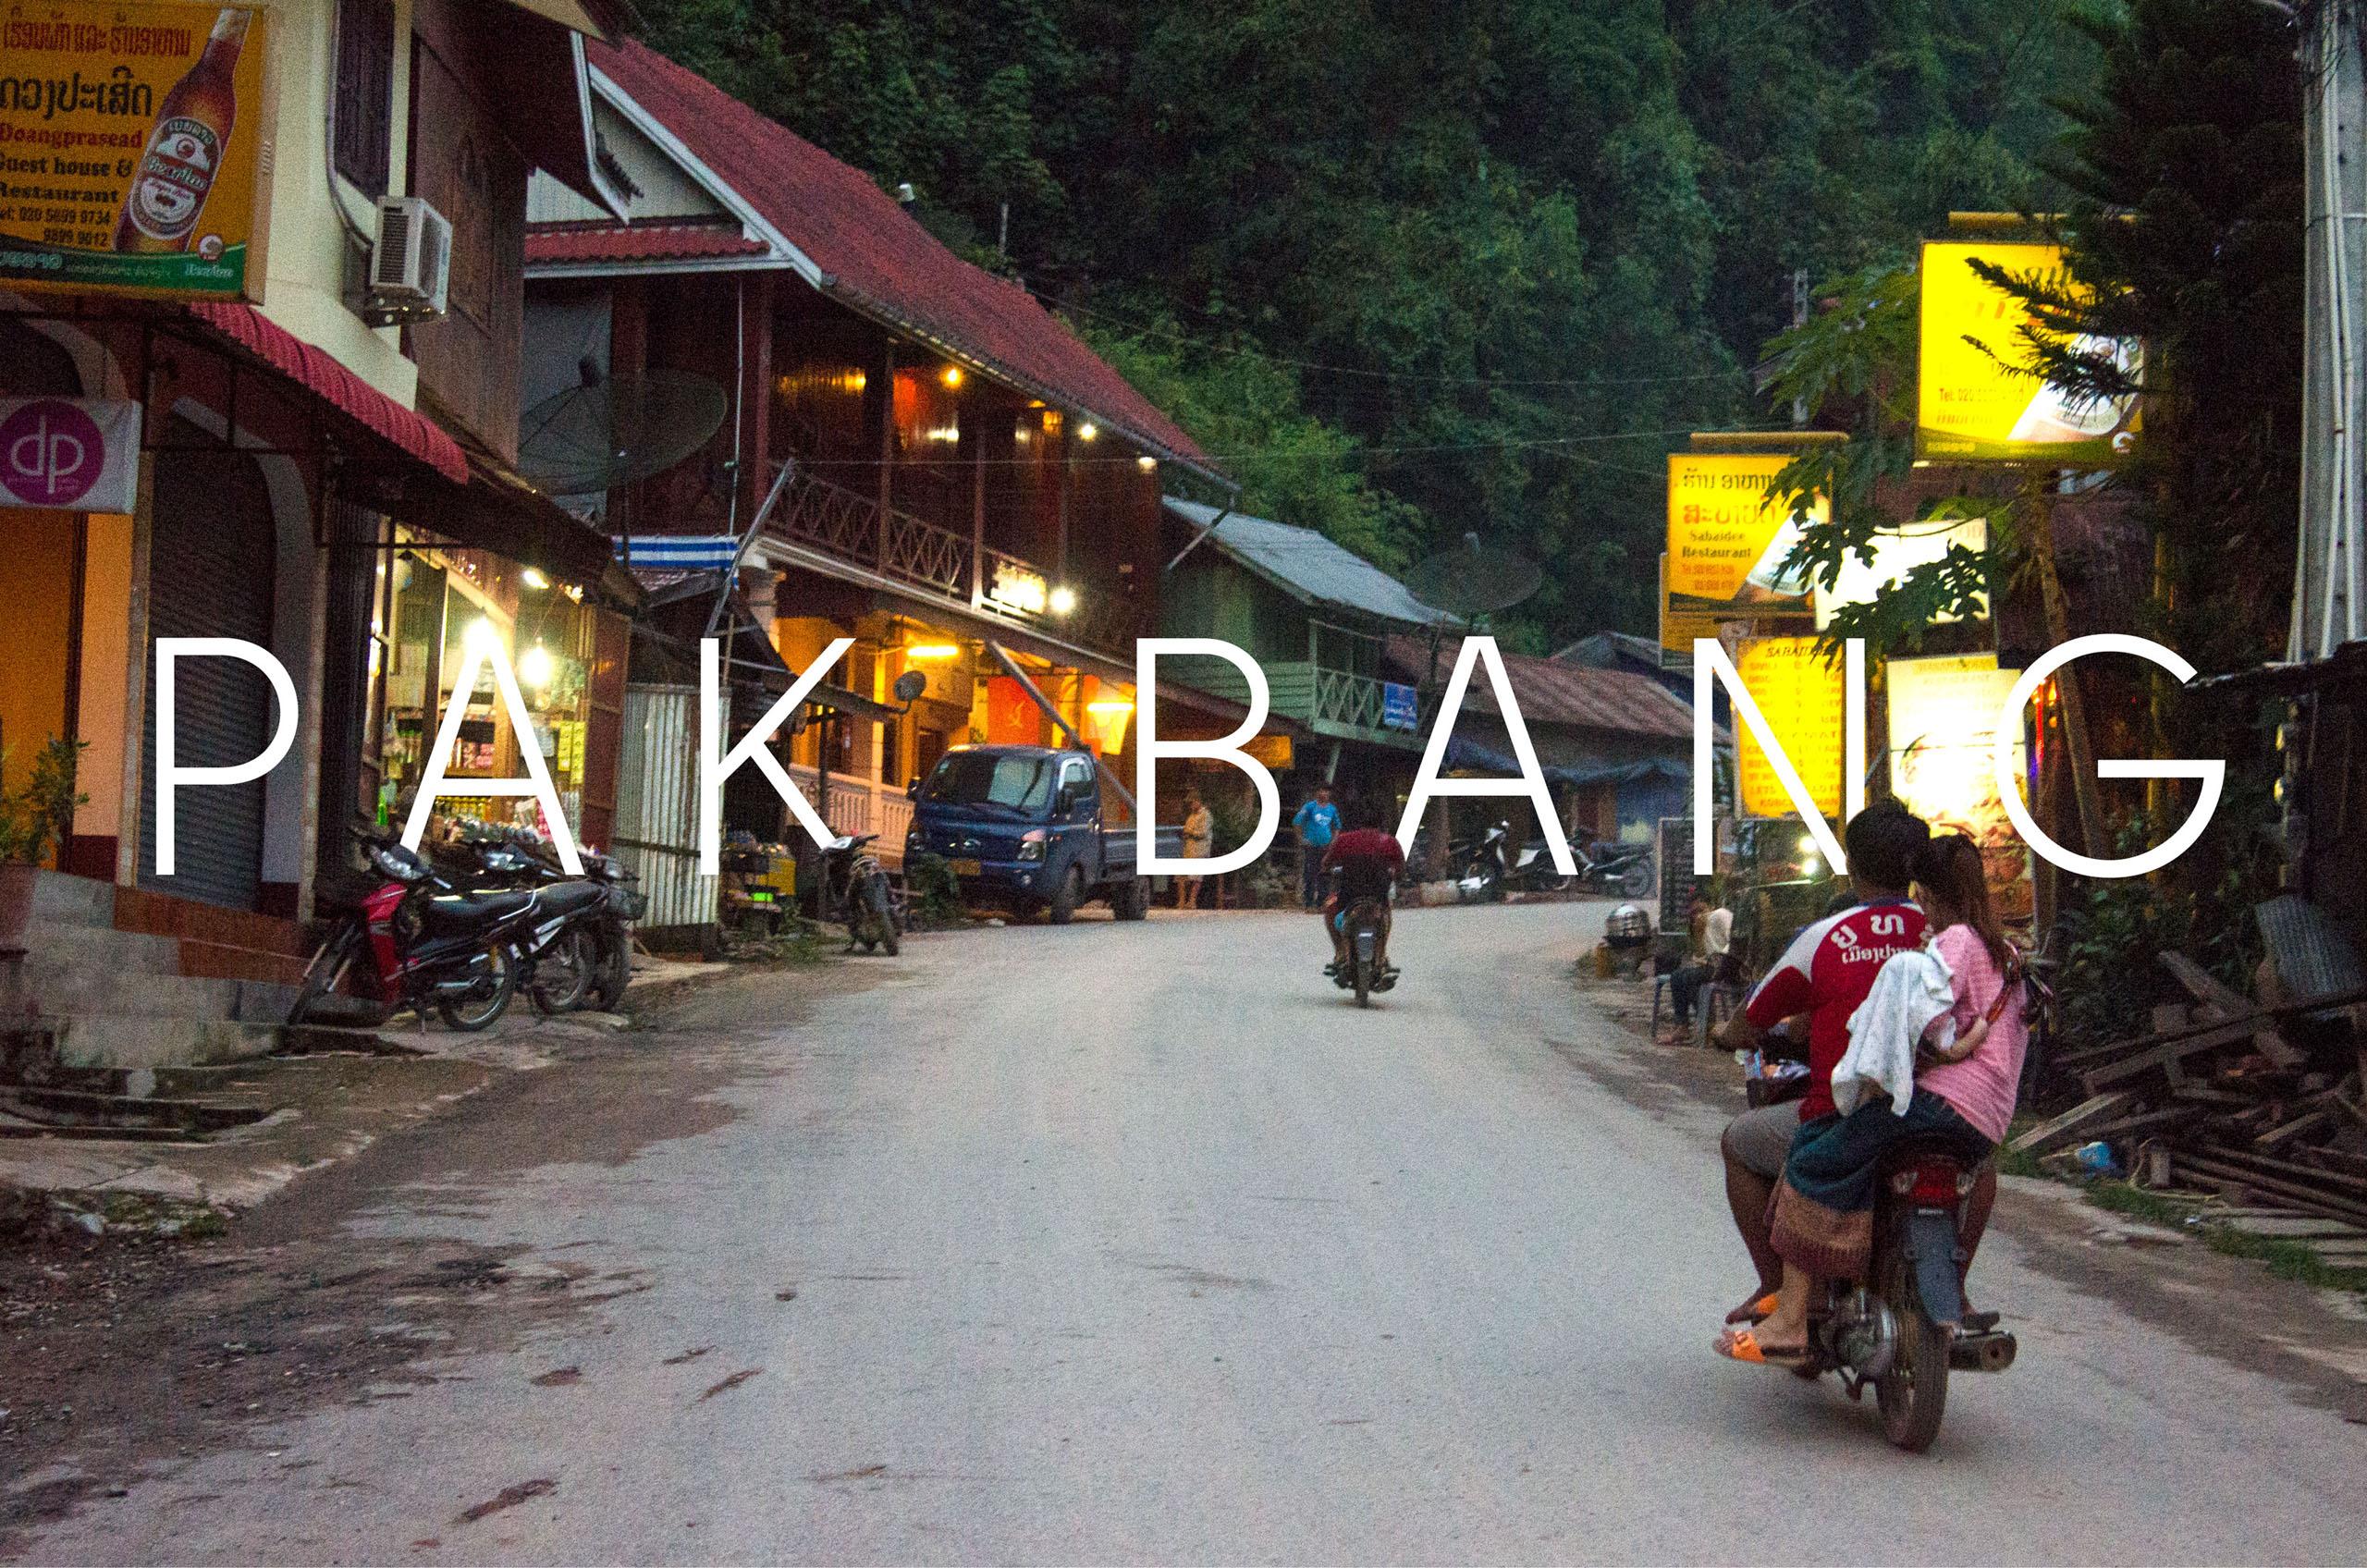 Pak-Bang